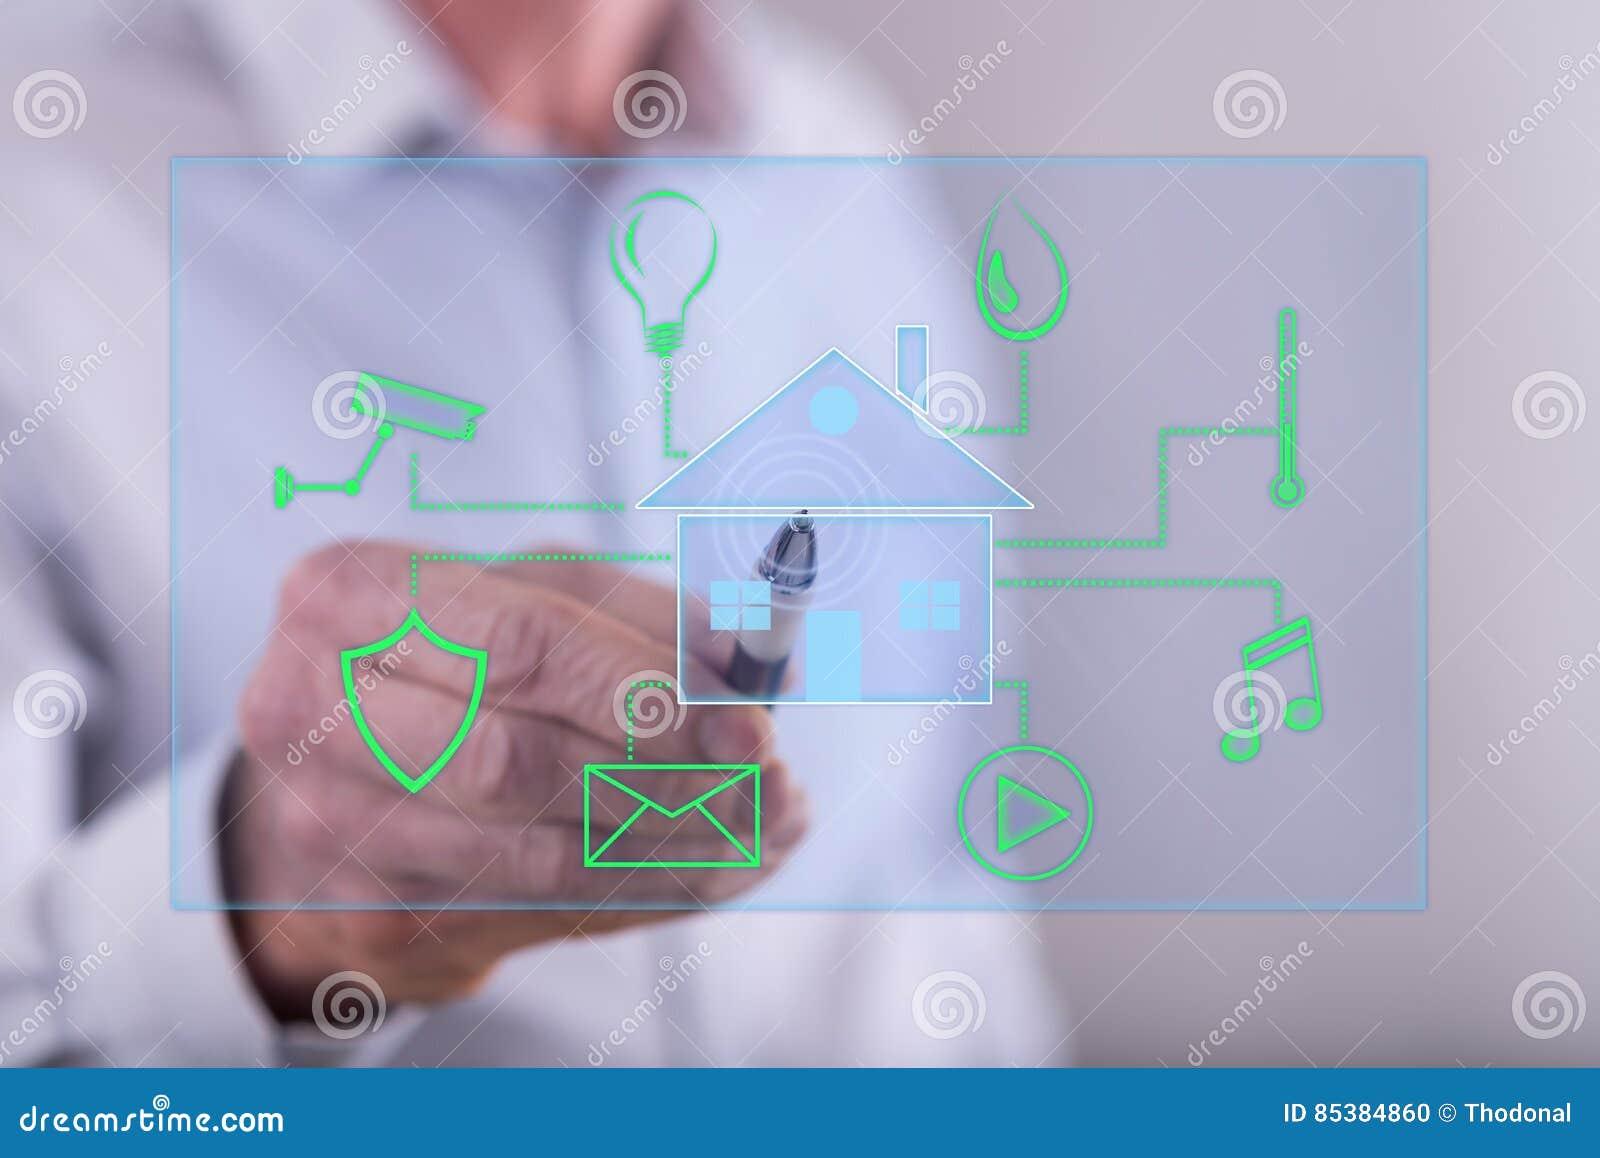 Equipe o toque de um conceito esperto digital da domótica em um tela táctil